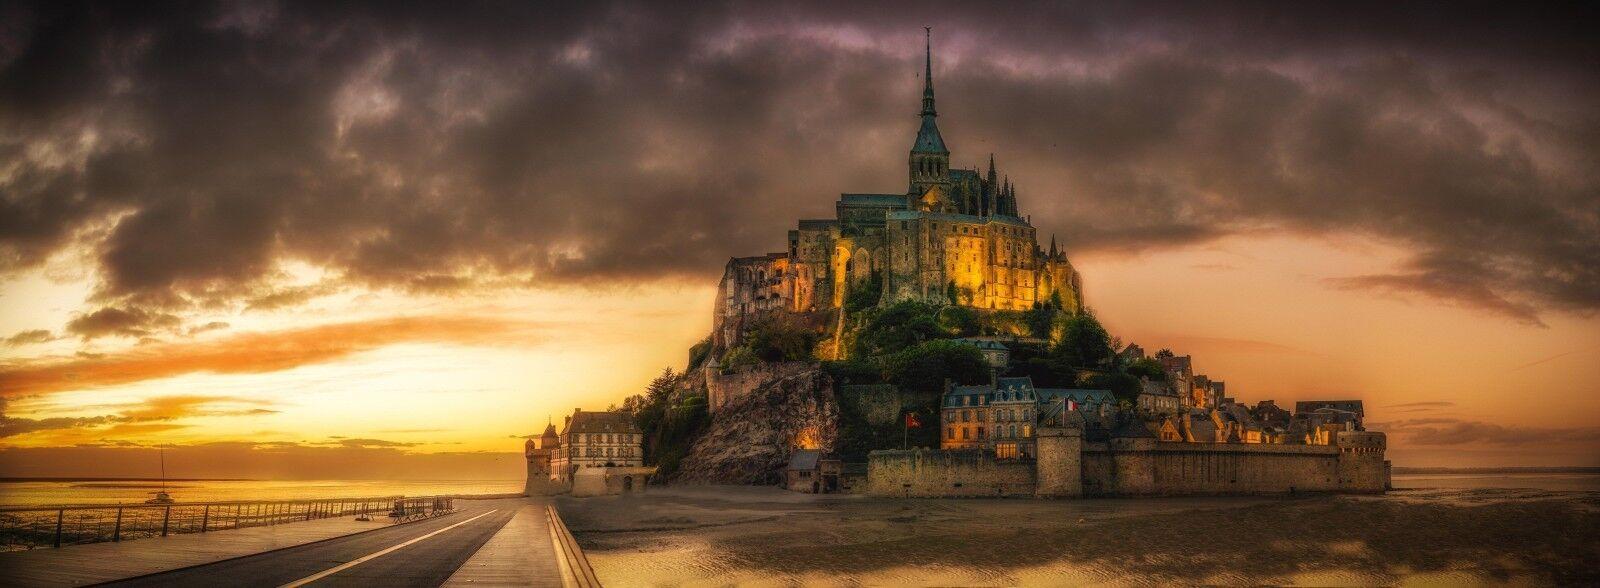 3D Dunkle Wolken Schloss 893 Tapete Wandgemälde Tapeten Bild Bild Bild Familie DE Lemon  | Merkwürdige Form  | Billiger als der Preis  | Elegantes Aussehen  c1560d